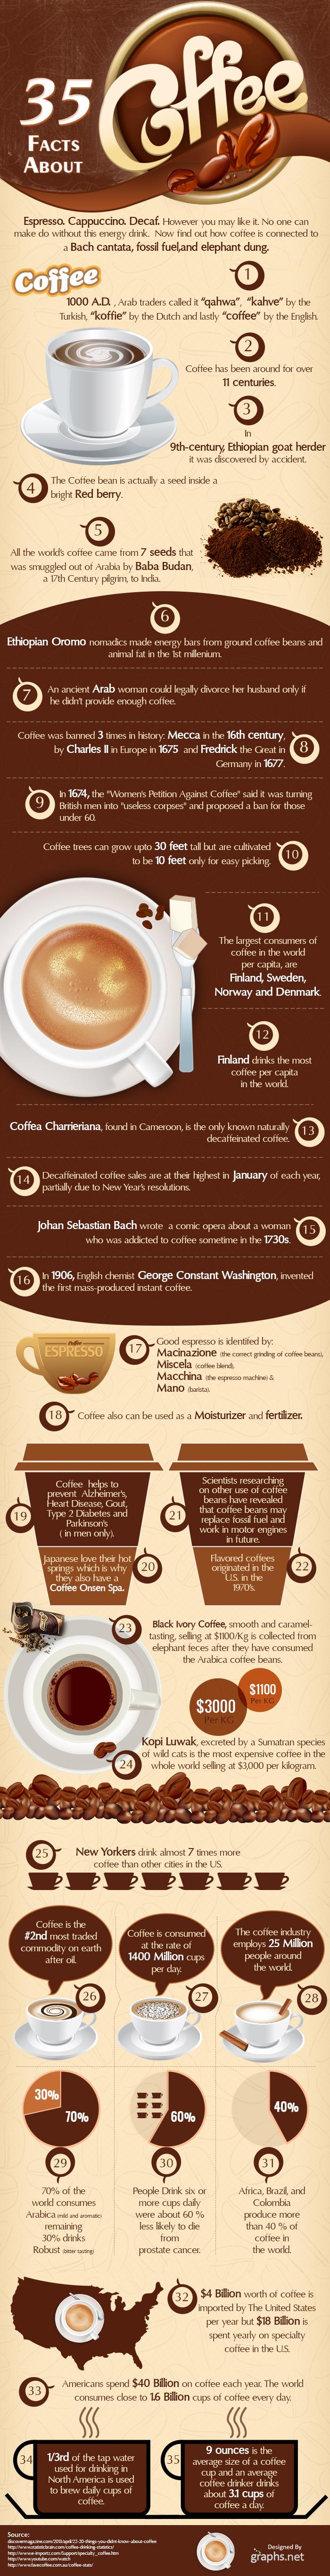 lucruri interesante cafea